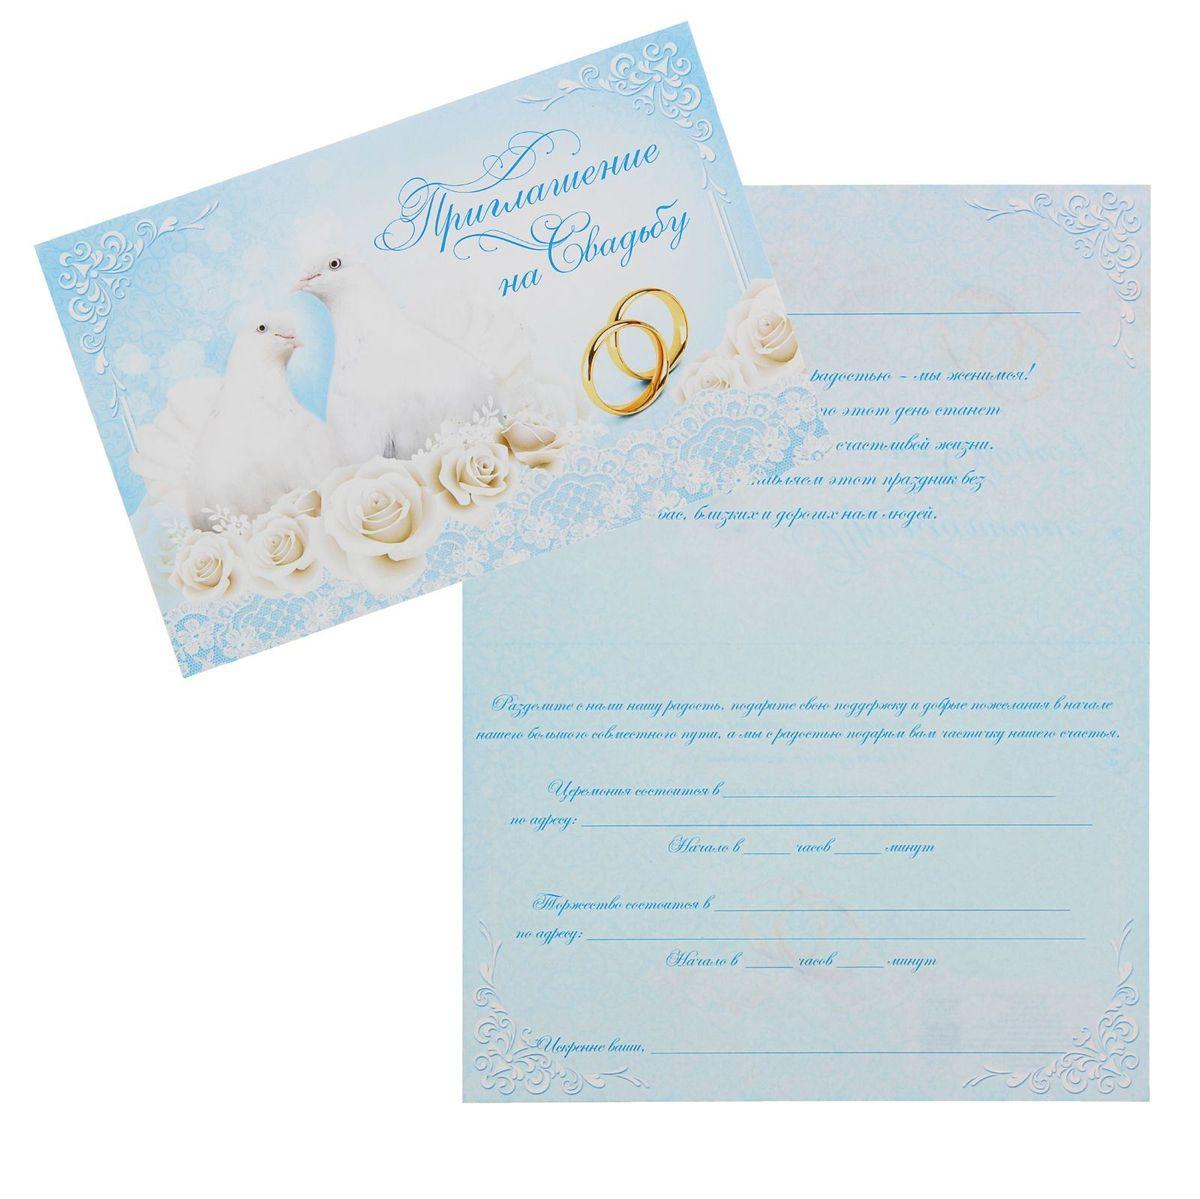 Приглашение на свадьбу Sima-land Свадебные голуби, 0,1 x 18 x 12 см1333775Когда дата и время бракосочетания уже известны, и вы определились со списком гостей, необходимо оповестить их о предстоящем празднике. Существует традиция делать персональные приглашения с указанием времени и даты мероприятия. Но перед свадьбой столько всего надо успеть, что на изготовление десятков открыток просто не остаётся времени. В этом случае вам придёт на помощь уникальное приглашение на свадьбу Свадебные голуби, разработанное нашими дизайнерами.Приглашение на свадьбу выполнено в форме открытки (18 х 12 см), на обратной стороне которой расположен текст со свободными полями для имени адресата, времени, даты и адреса проведения мероприятия. Мы продумали все детали, вам остаётся только заполнить необходимые строки и раздать приглашения гостям.Устройте себе незабываемую свадьбу!